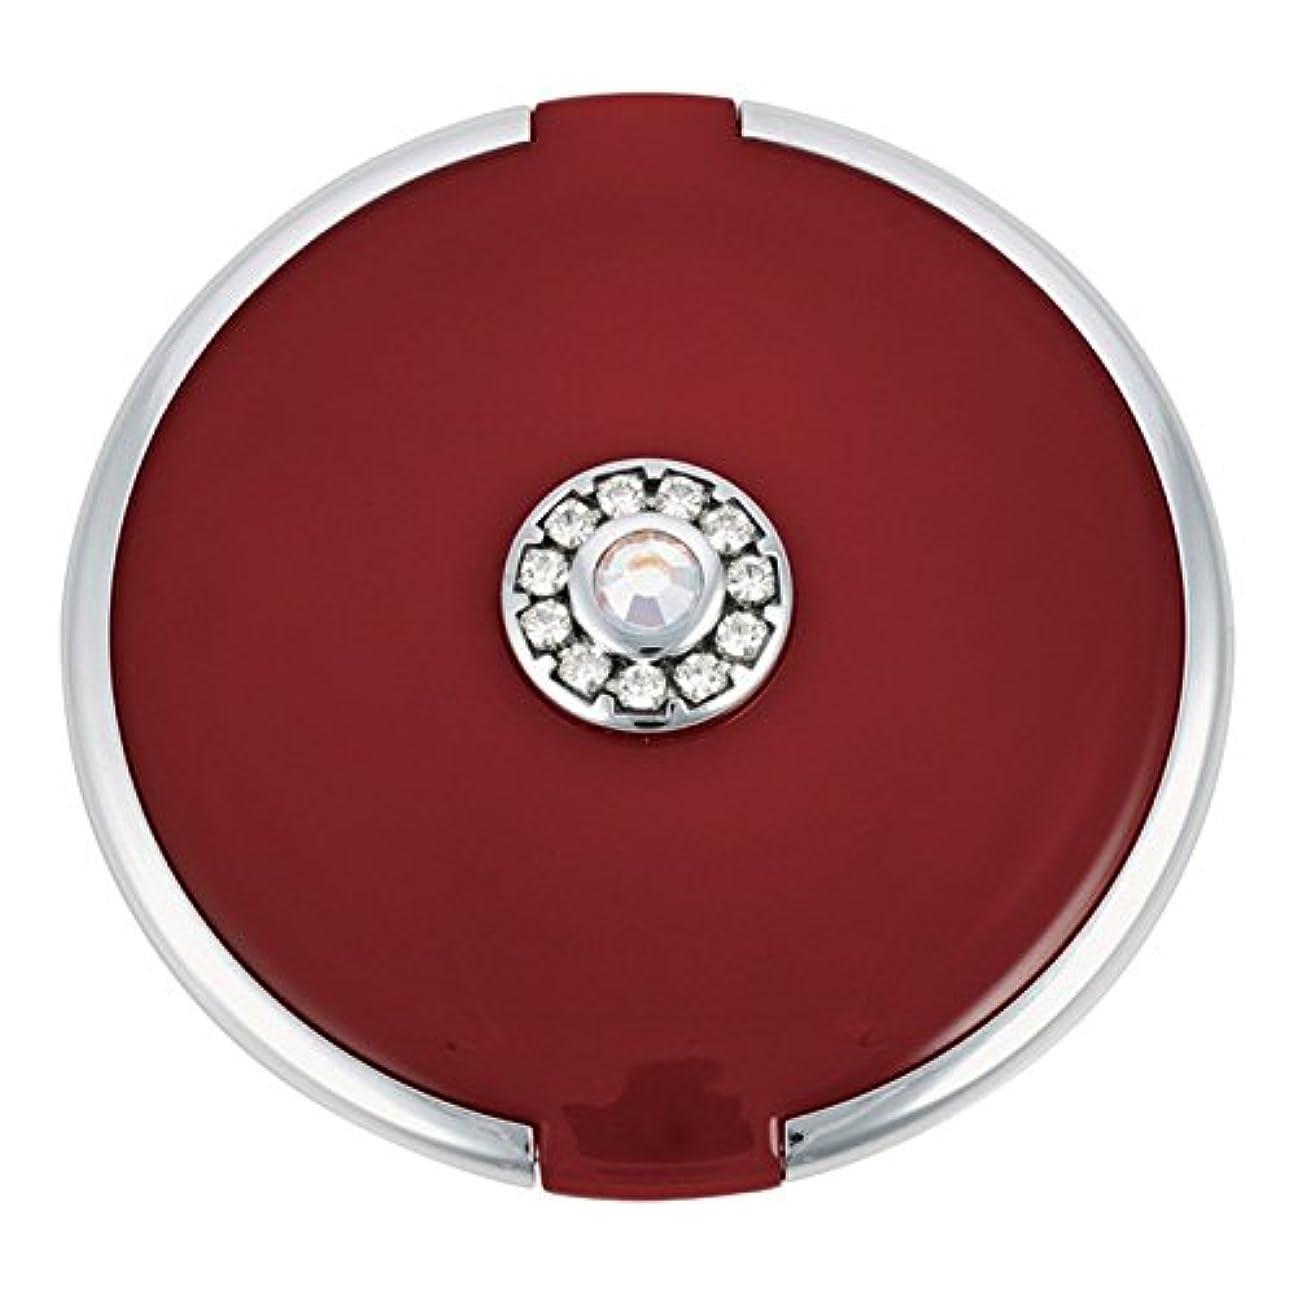 雇用者デイジーポップジョン?ルイスラウンド銀トリム結晶が赤いコンパクトミラーを設定します (John Lewis) - John Lewis Round Silver Trim Crystal Set Compact Mirror Red [並行輸入品]